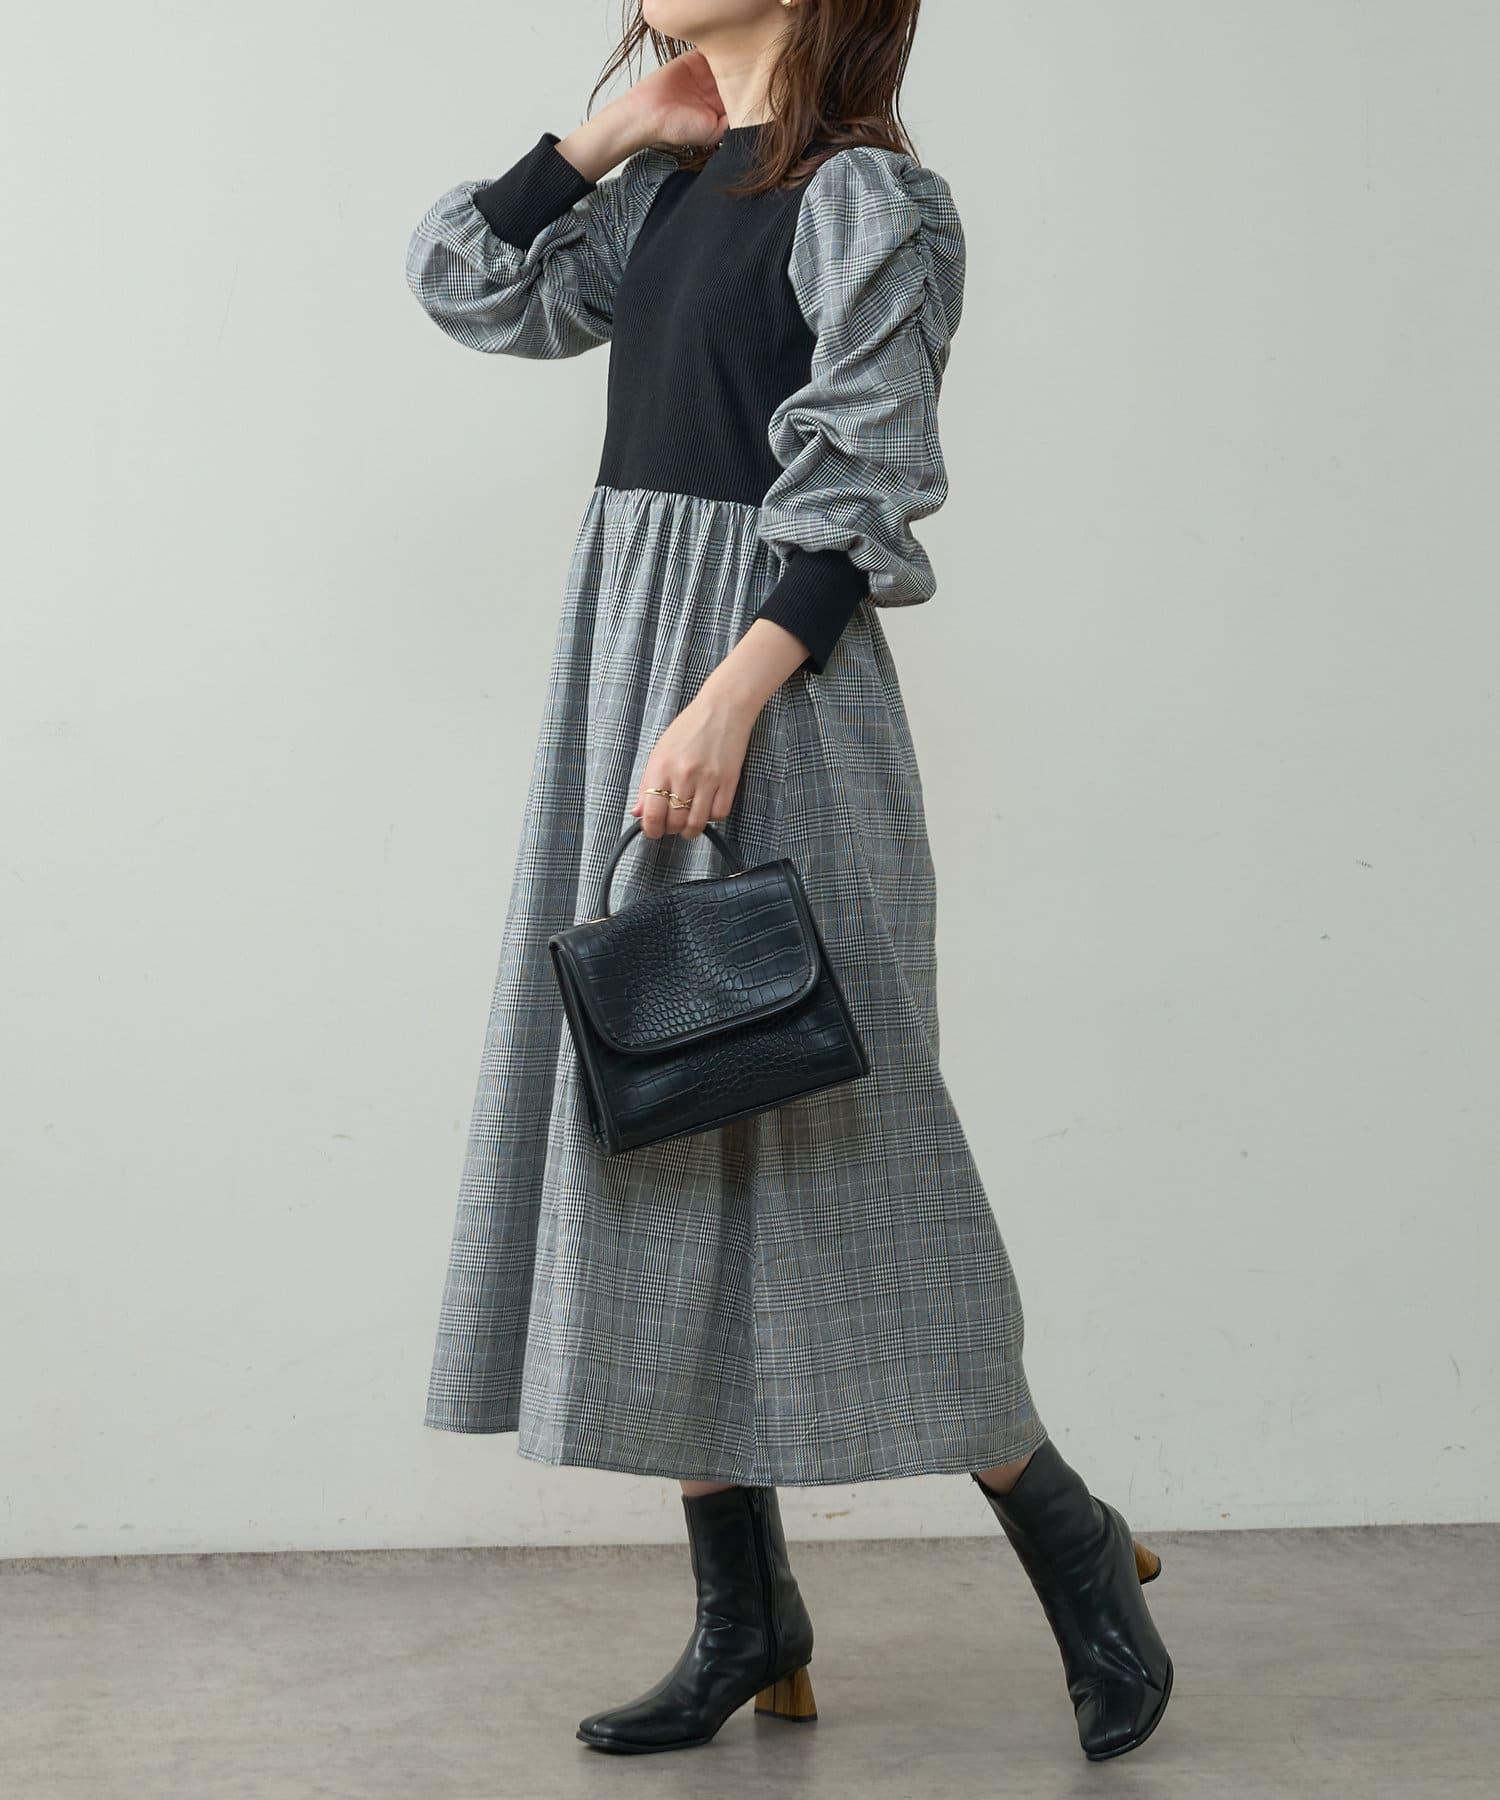 natural couture(ナチュラルクチュール) 【WEB限定】袖コンドッキングワンピース